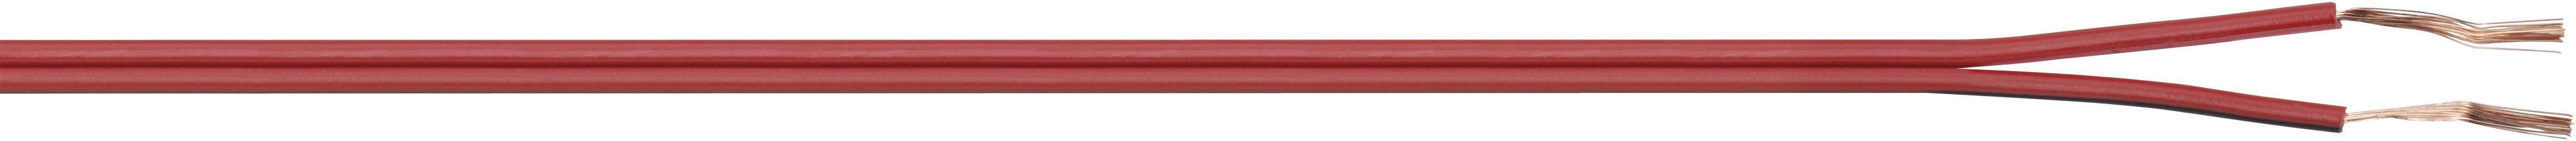 Licna LappKabel 49900237, 2x 0,14 mm², PVC, 1 m, červená/černá